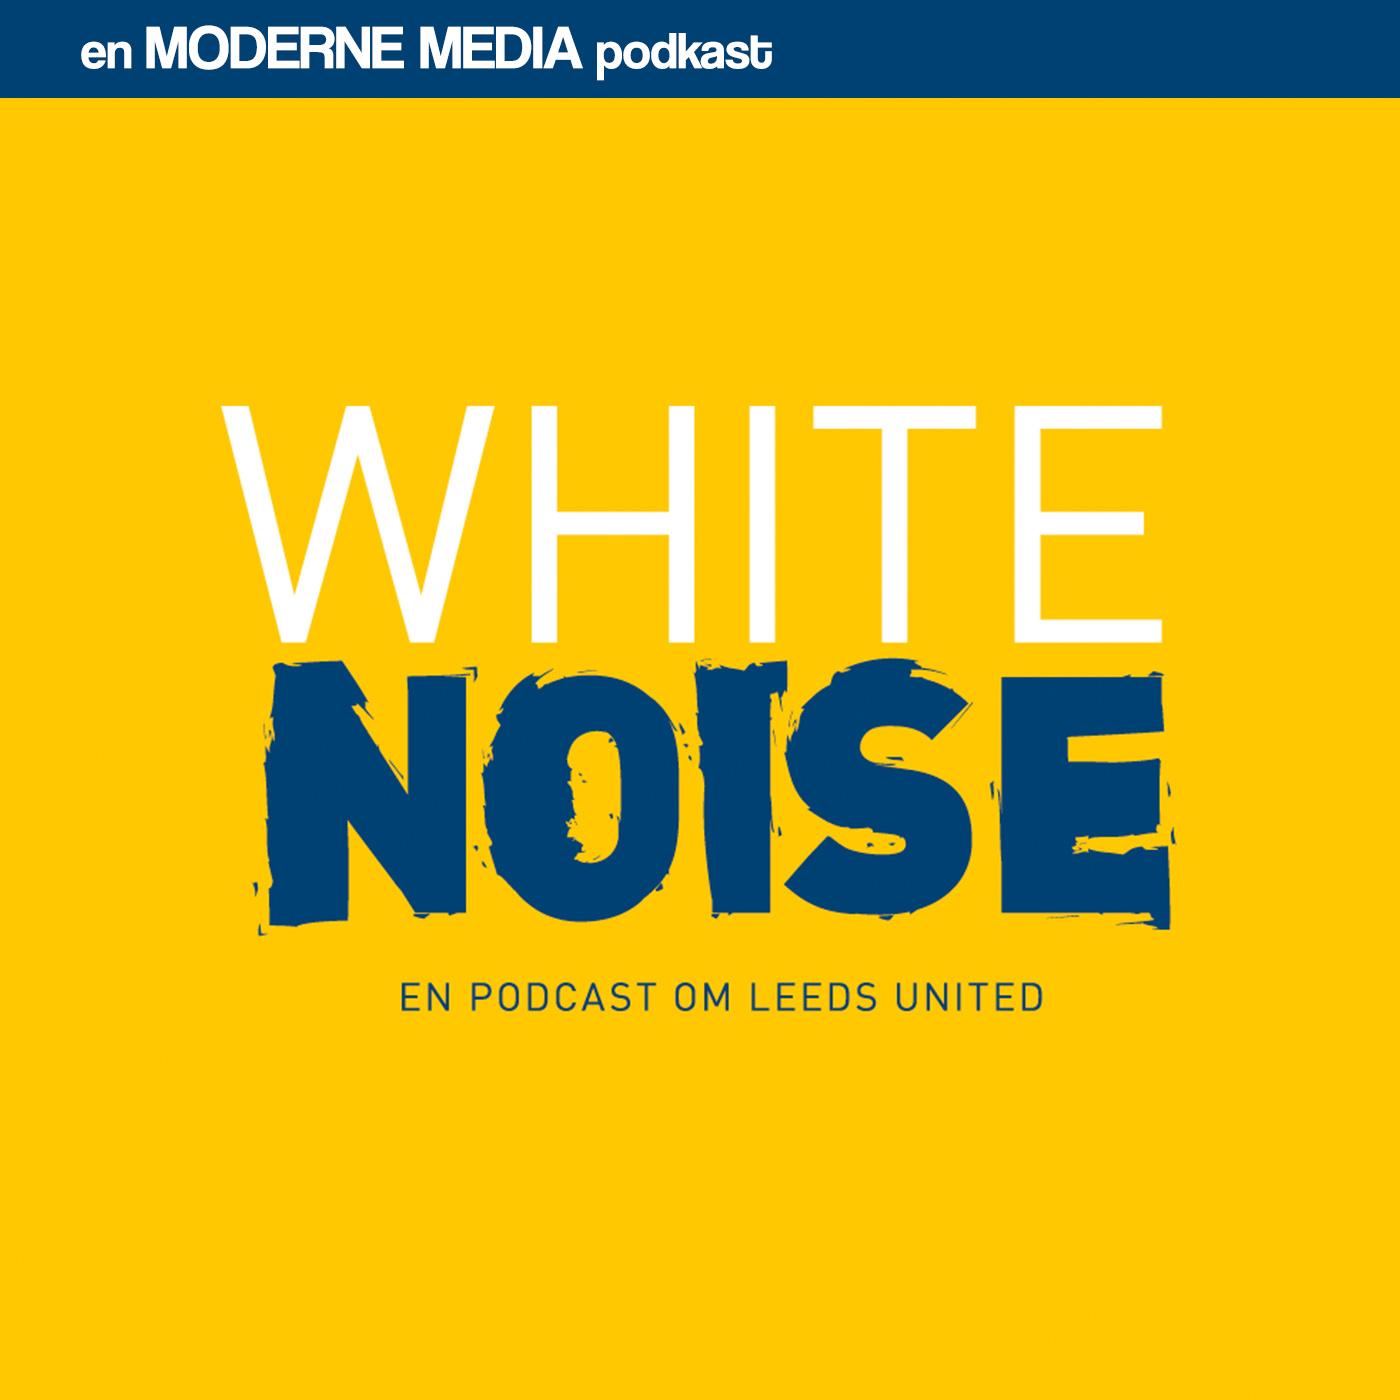 White noise en podkast om leeds united